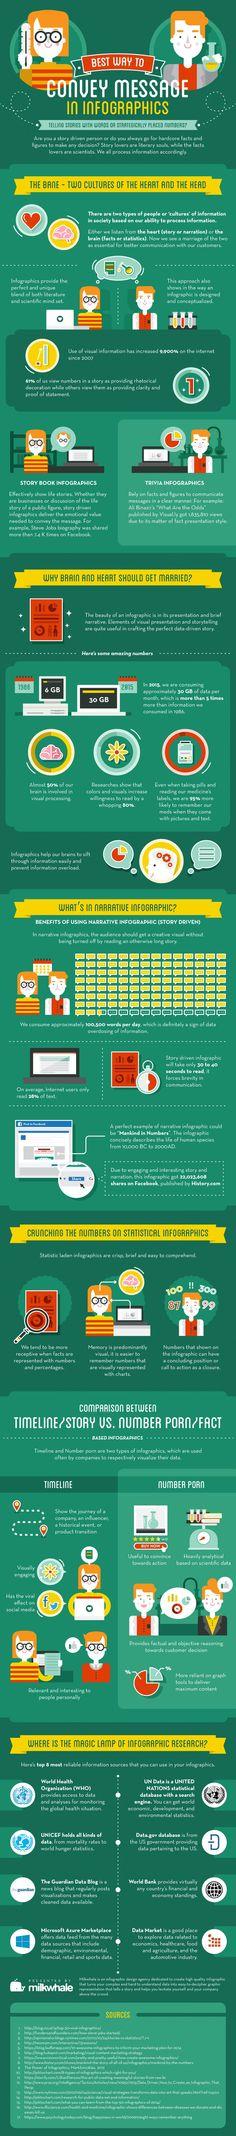 Hola: Una infografía sobre La mejor manera de transmitir un mensaje con una Infografía. Un saludo Click image to open interactive version (via The Ultimate Guide to Viral Infographic).